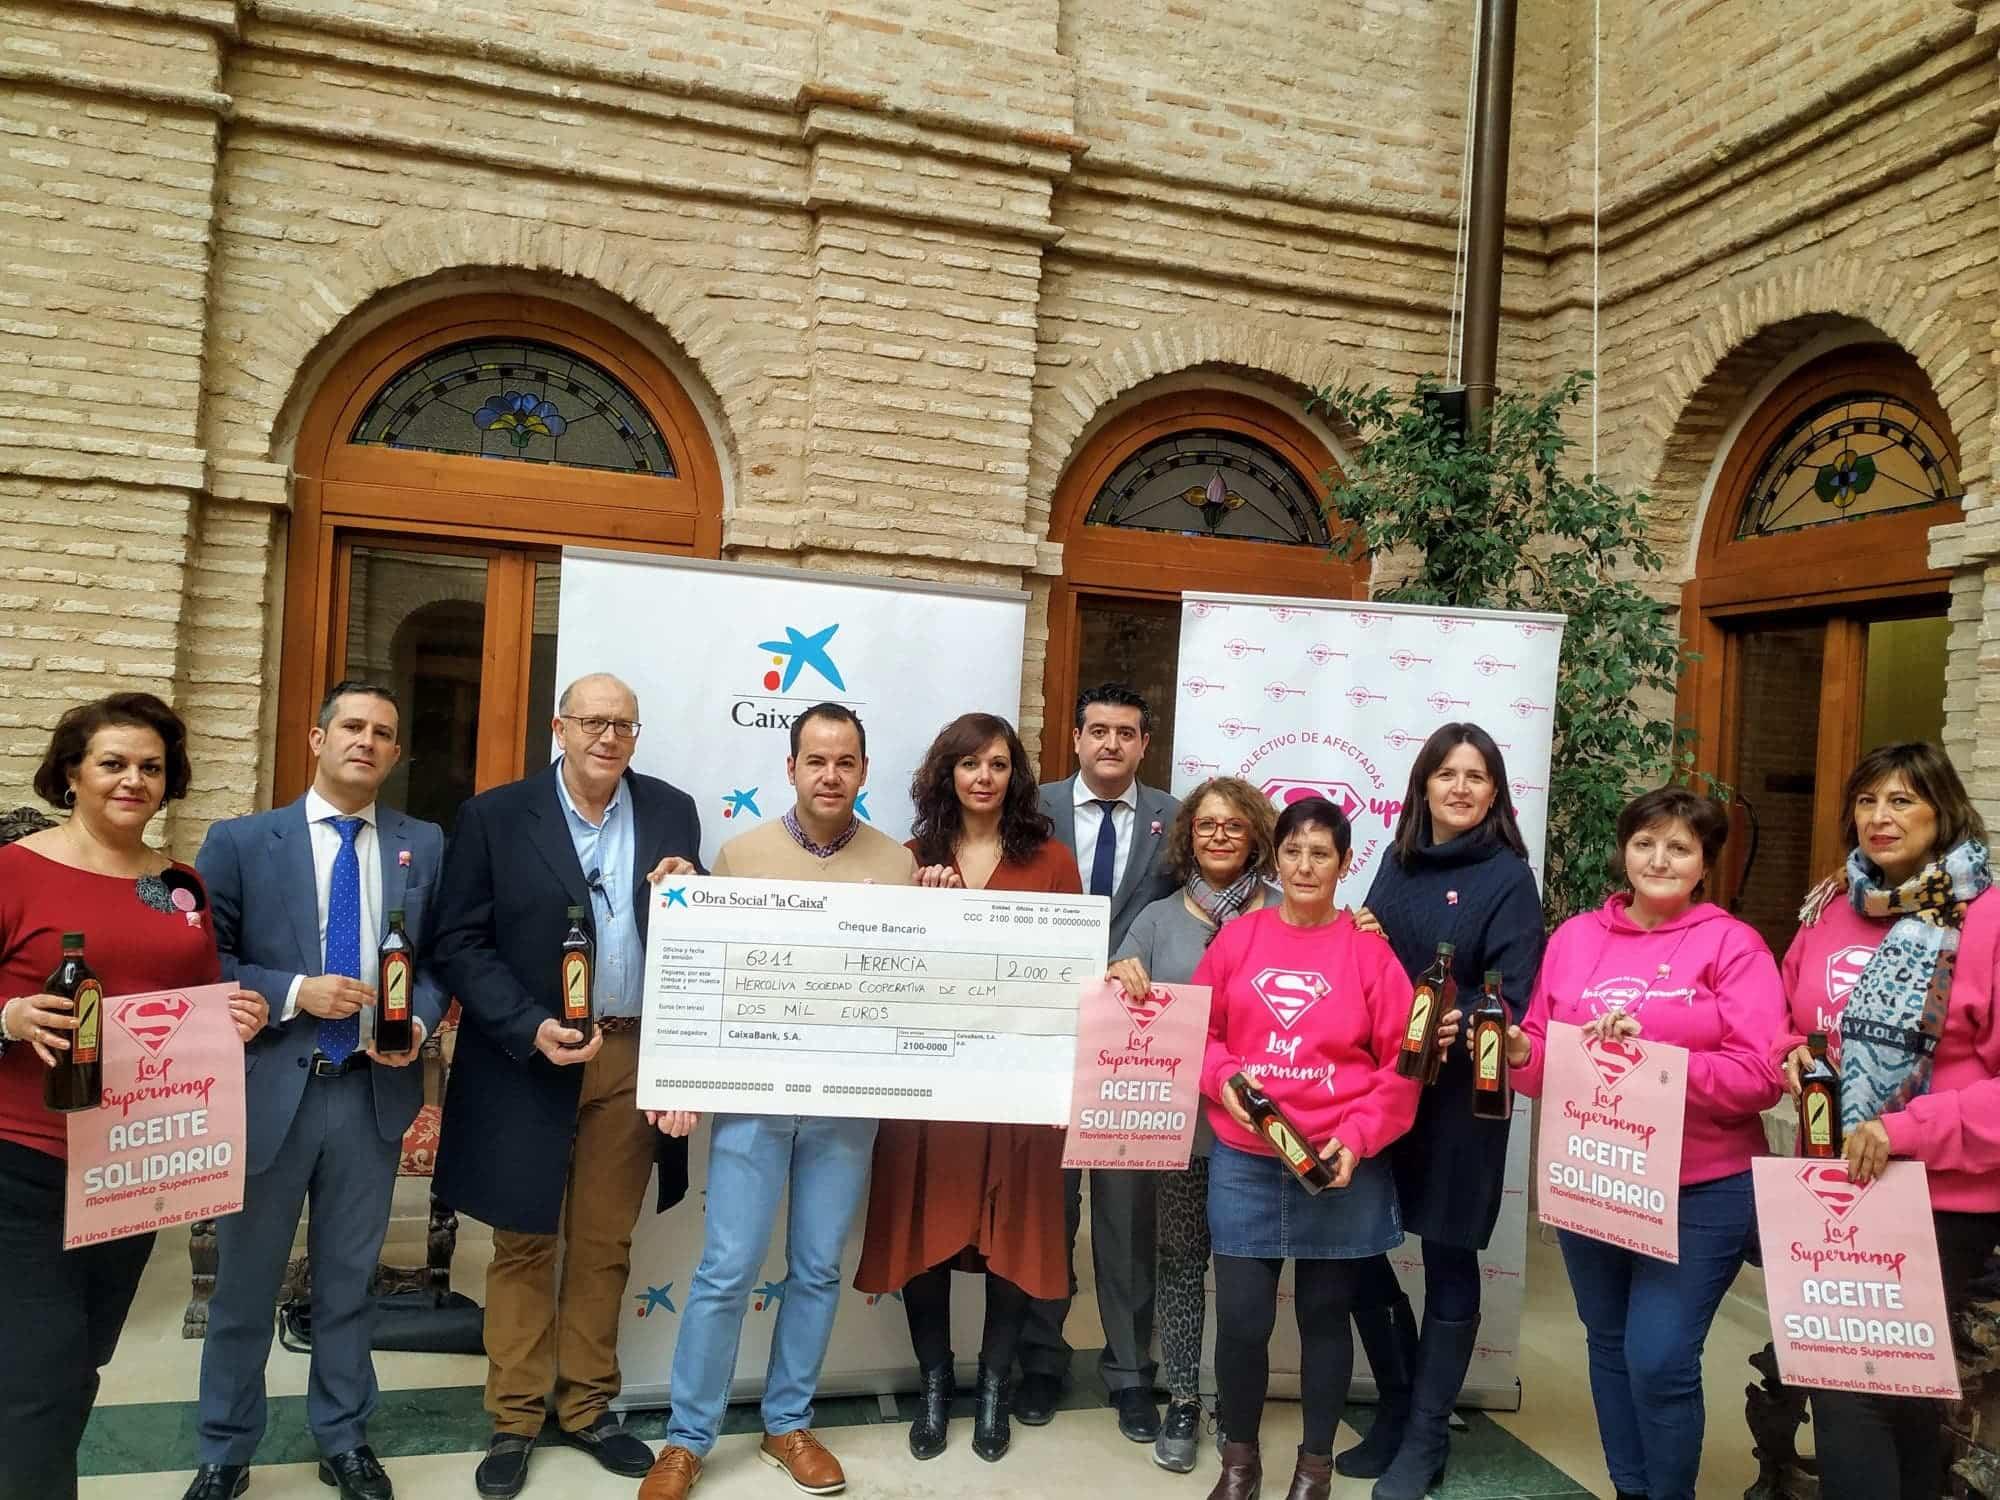 """La Obra Social """"La Caixa"""" colabora con 460 litros de aceite para """"Las Supernenas"""" y la Fundación """"La Merced Migraciones"""" 3"""